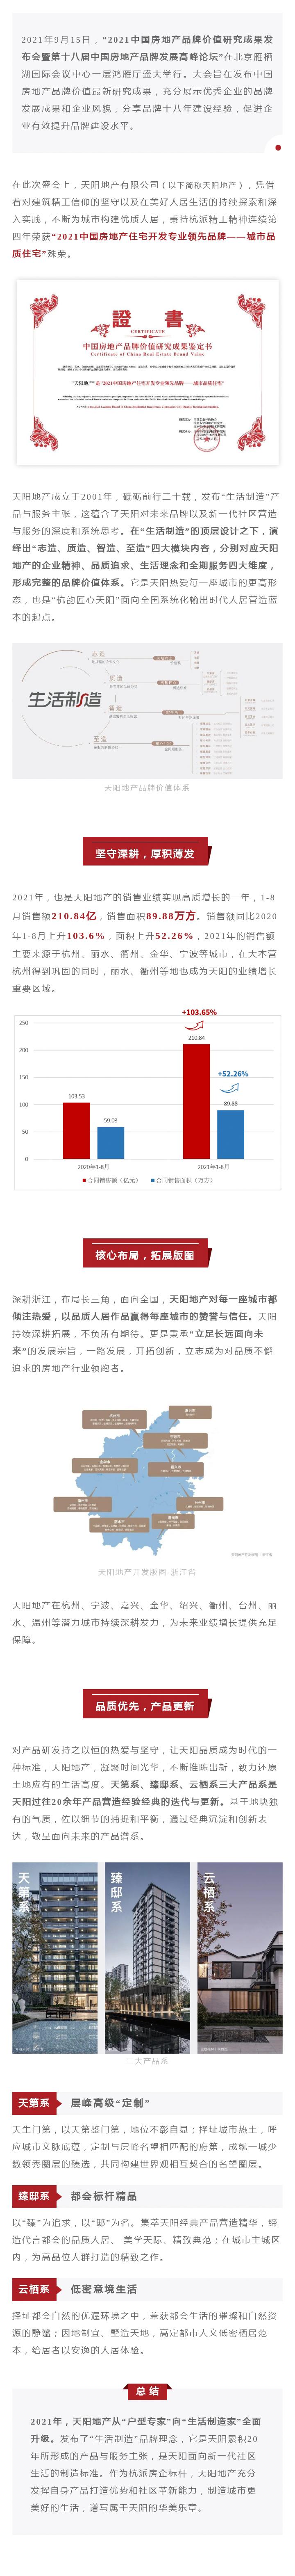 """高光时刻丨天阳地产荣获""""2021中国房地产住宅开发专业领先品牌""""TOP6.jpg"""